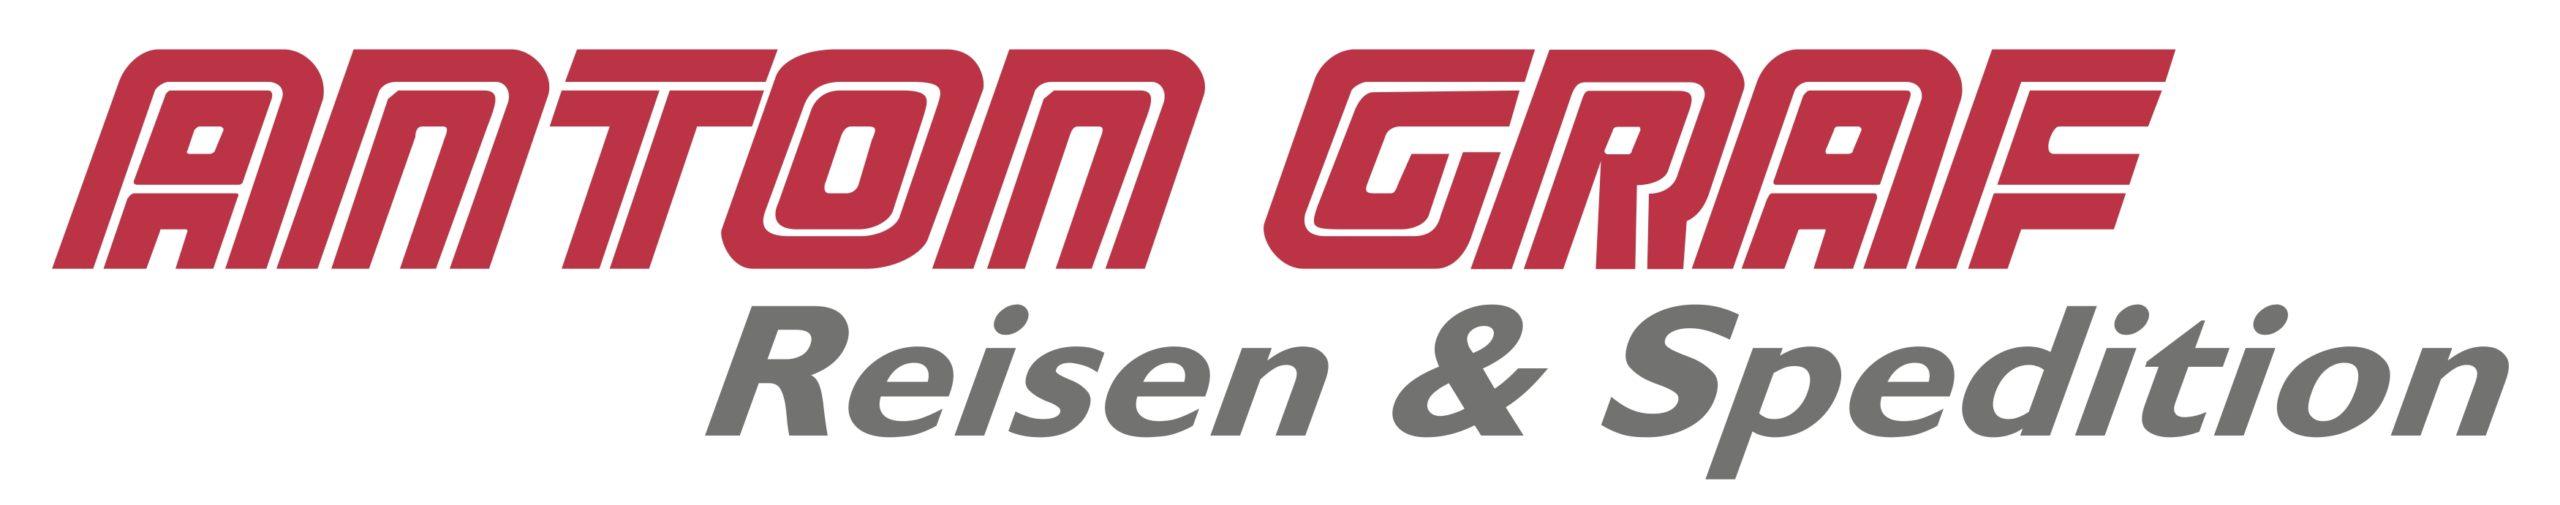 logo anton graf als jpg